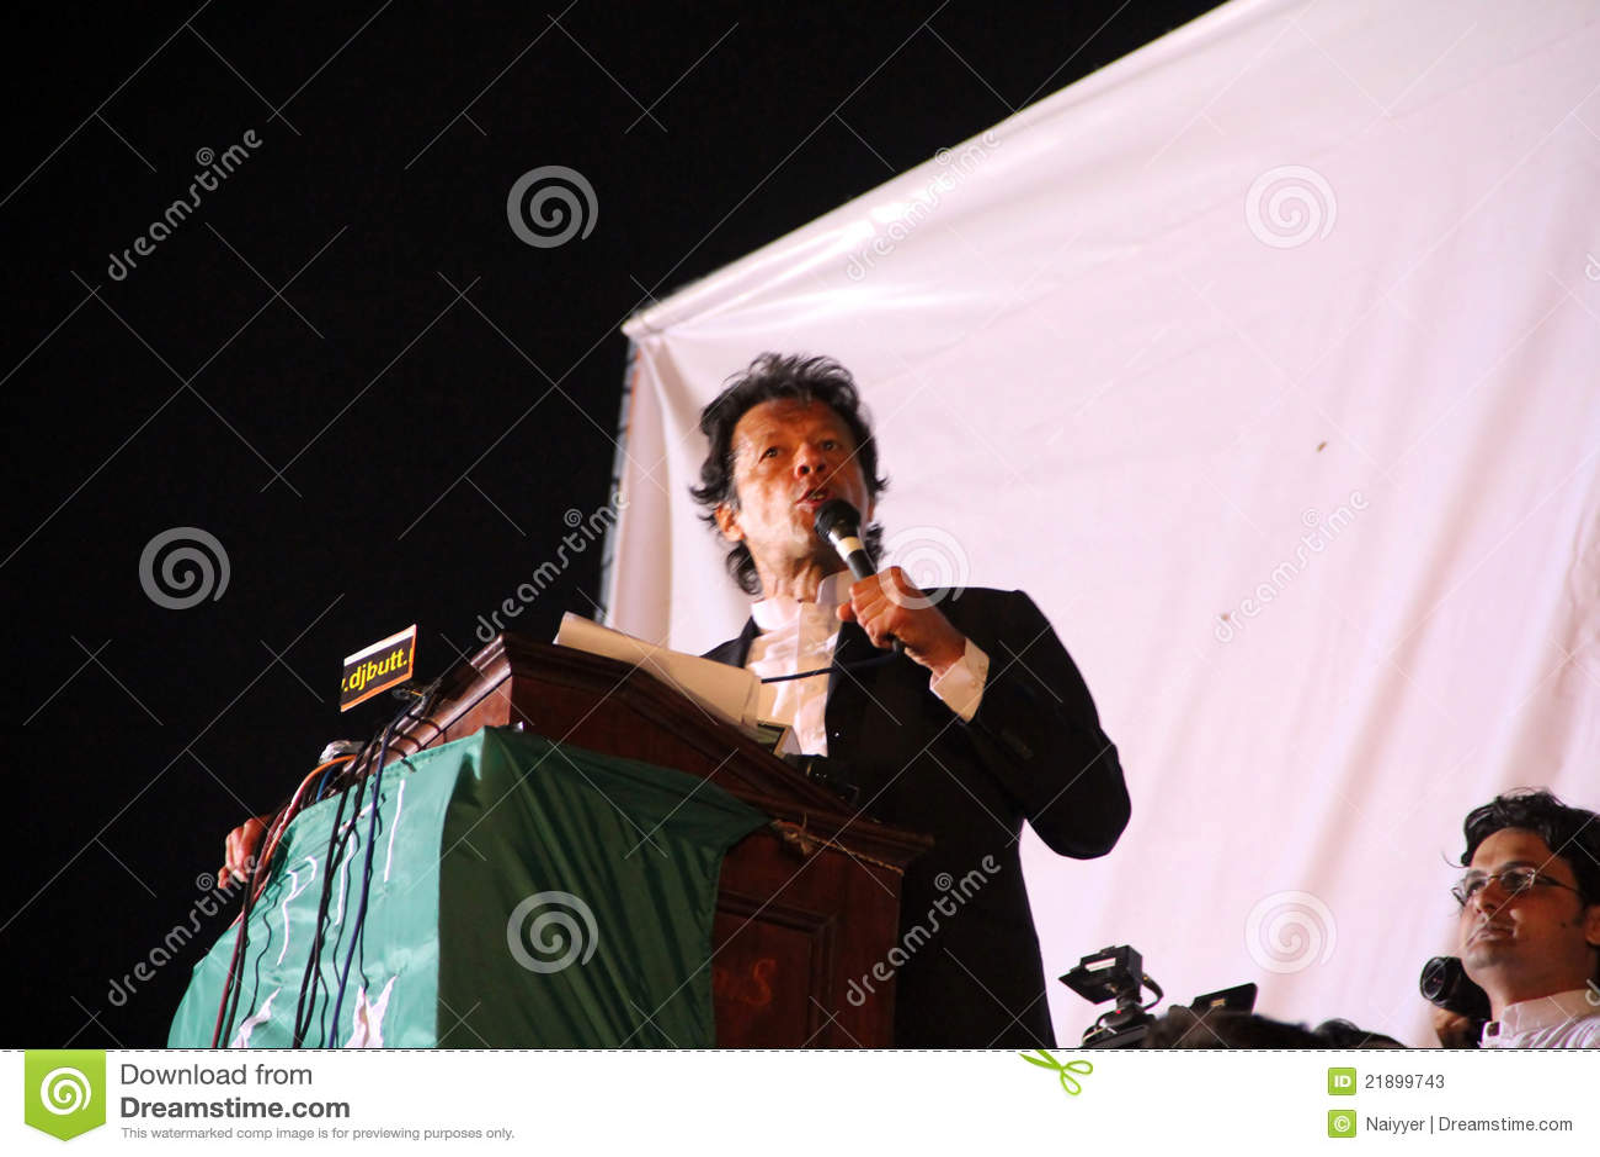 Imran Khan Speech in Lahore